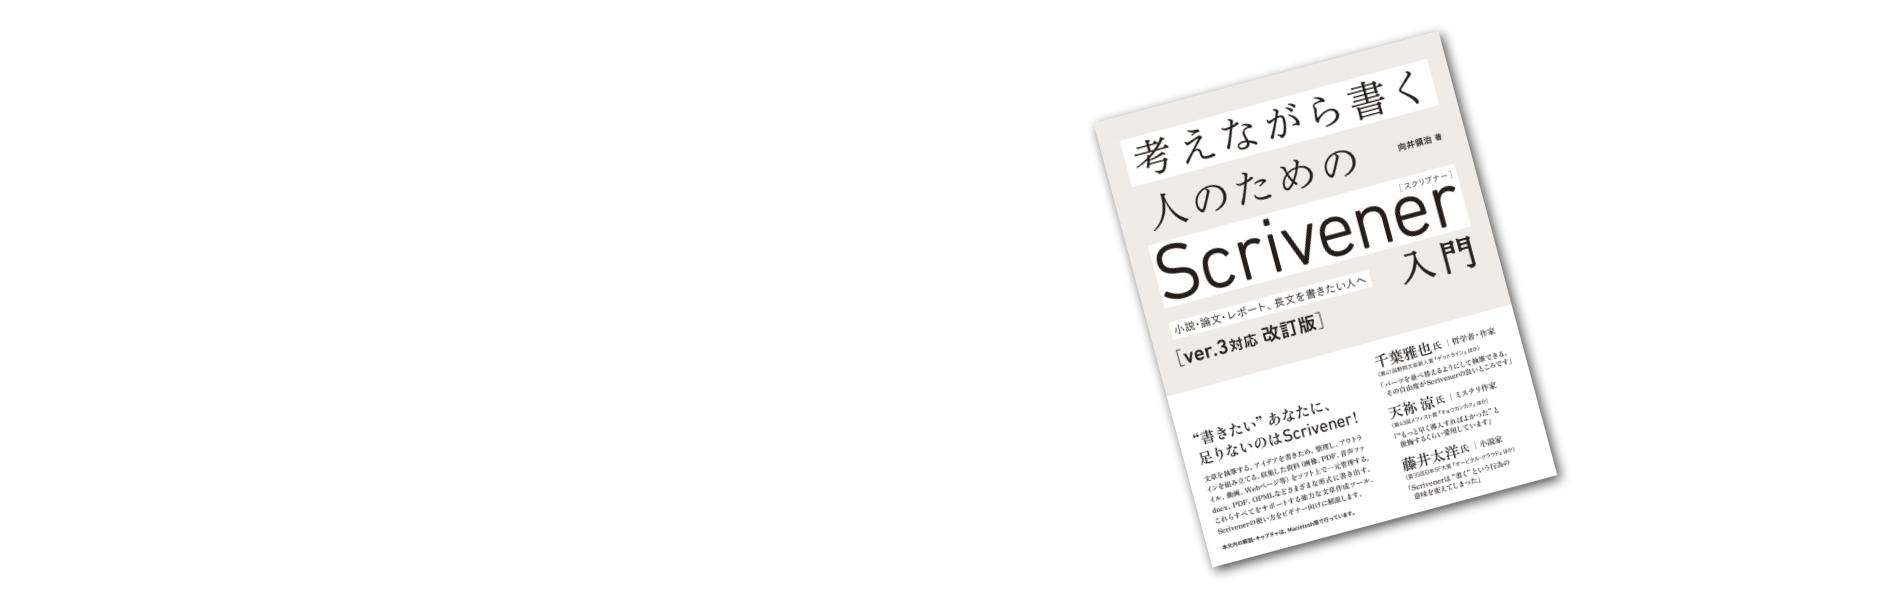 『考えながら書く人のための Scrivener入門 ver.3対応改訂版』